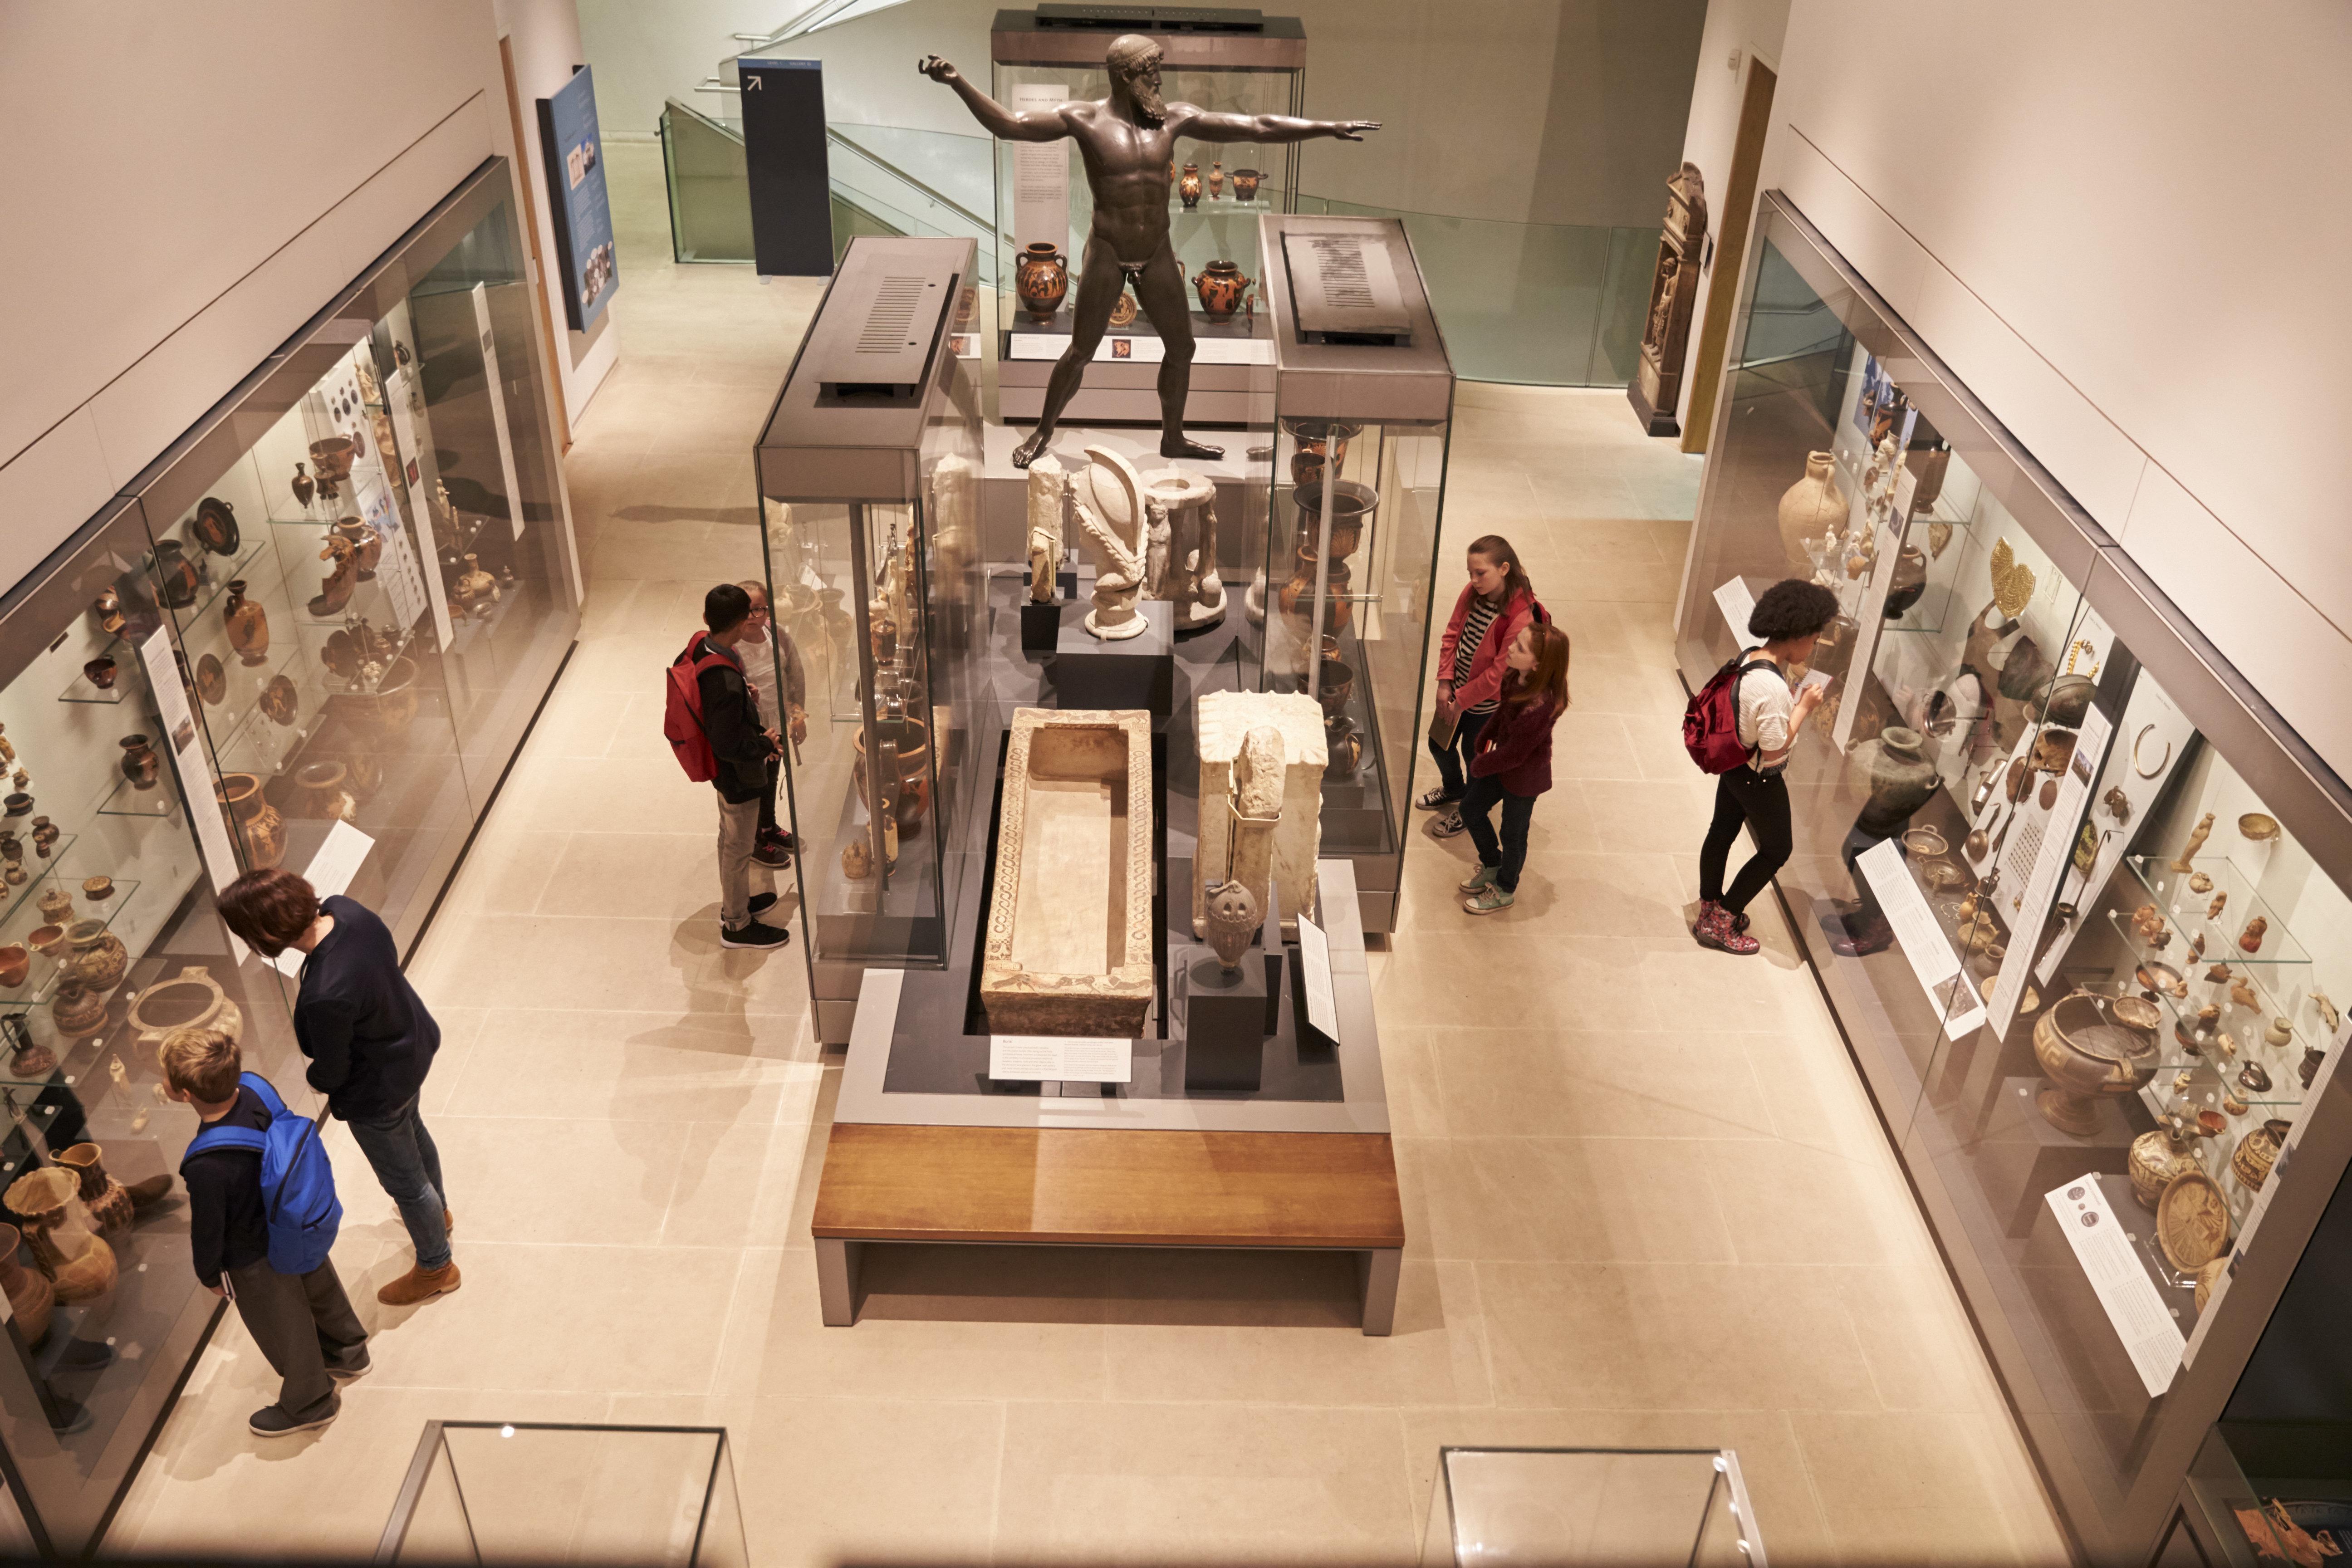 Τα ευρωπαϊκά μουσεία είναι φτιαγμένα από